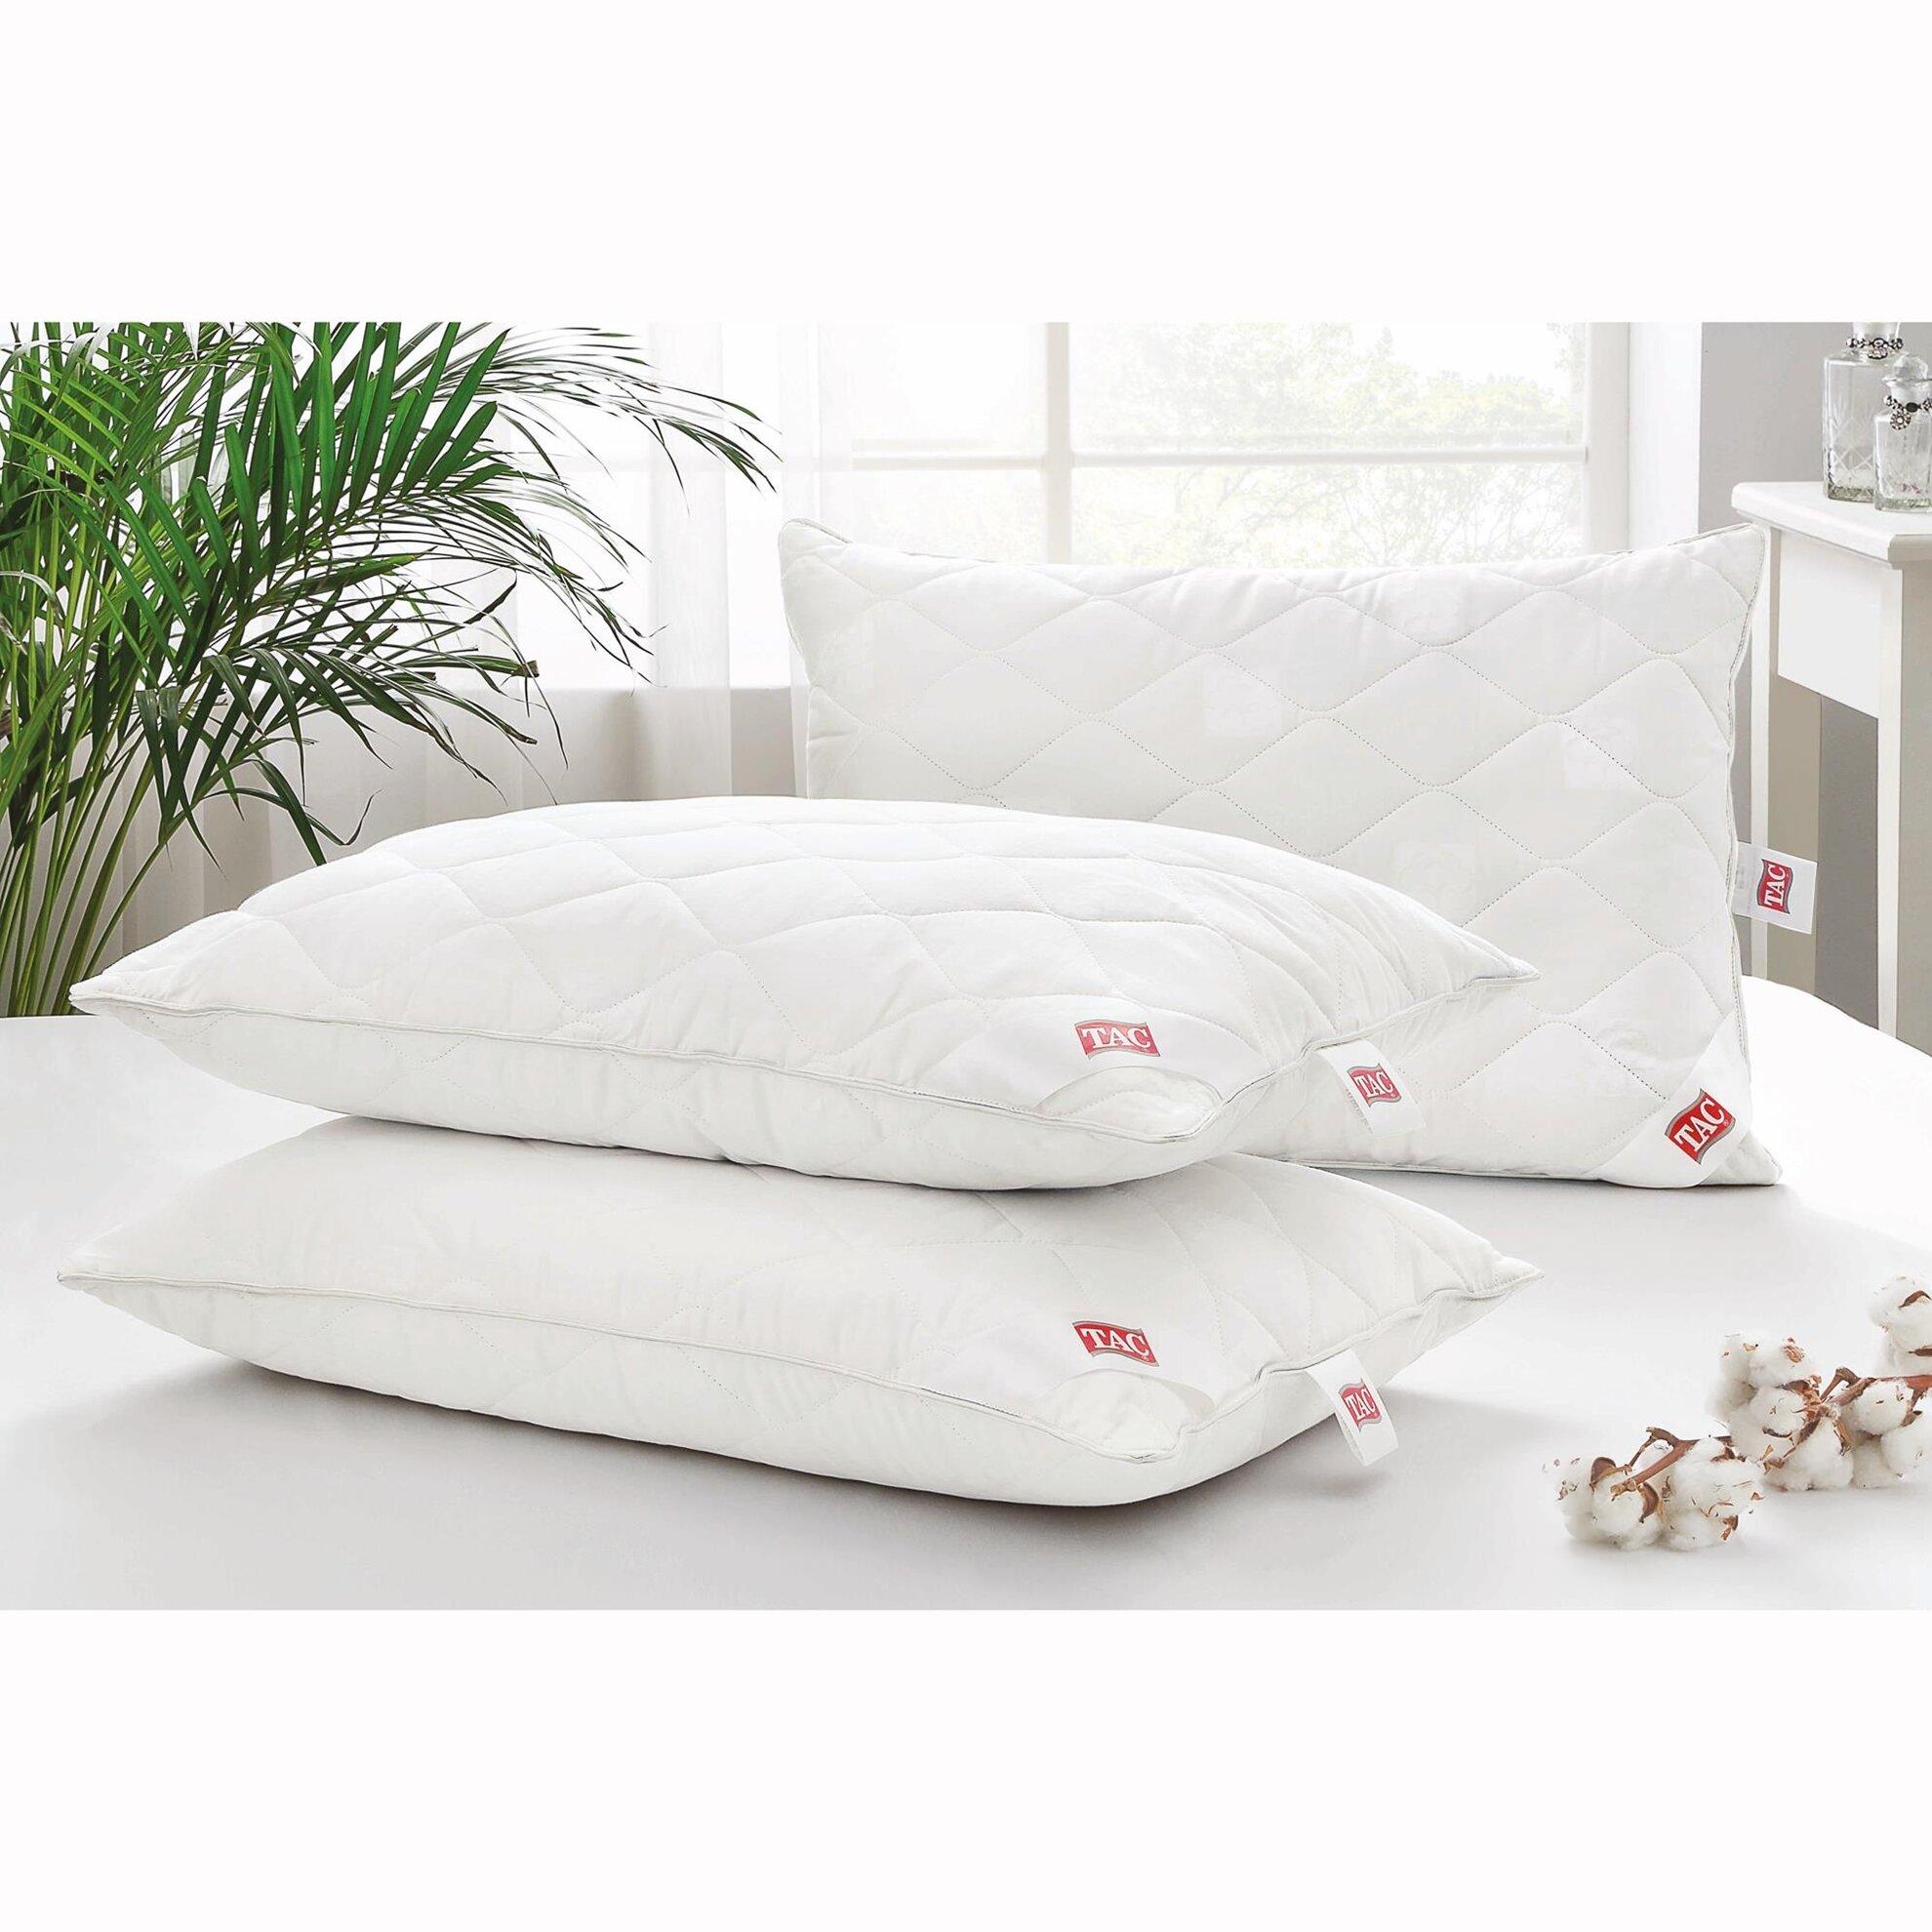 resm Taç Cottonsoft Yastık